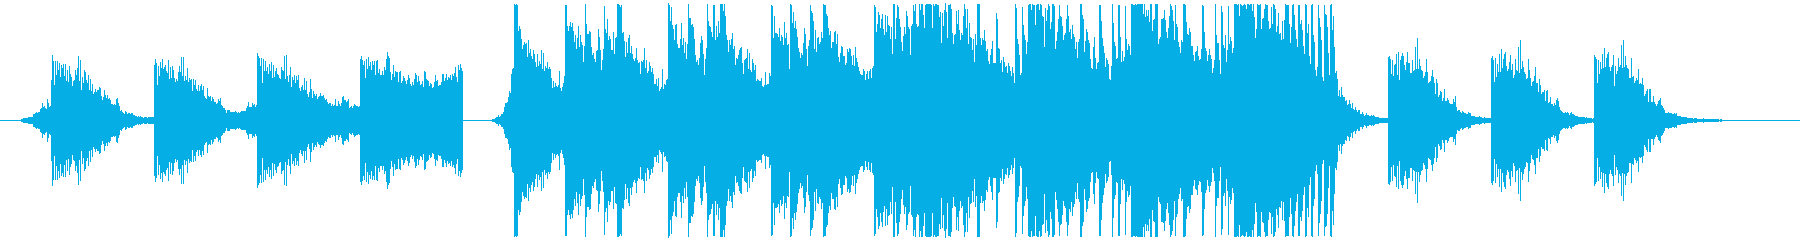 Action Musicの再生済みの波形